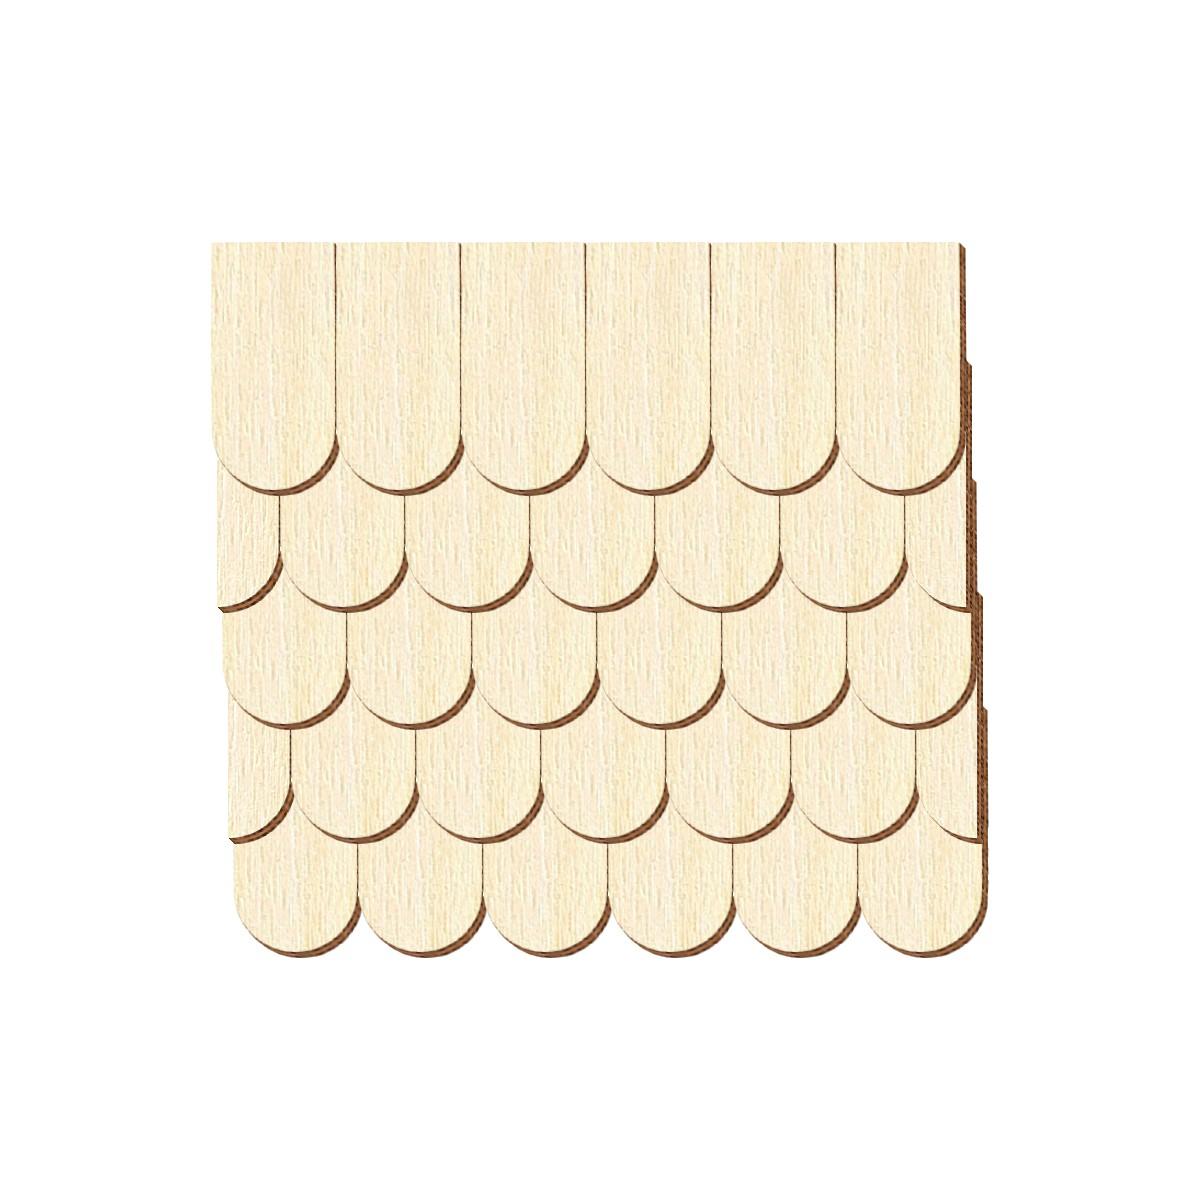 Schindelgr/ö/ße:40mm x 20mm Pack mit:100 St/ück Furnier Schindeln Holzschindeln Biberschwanz Kirsche